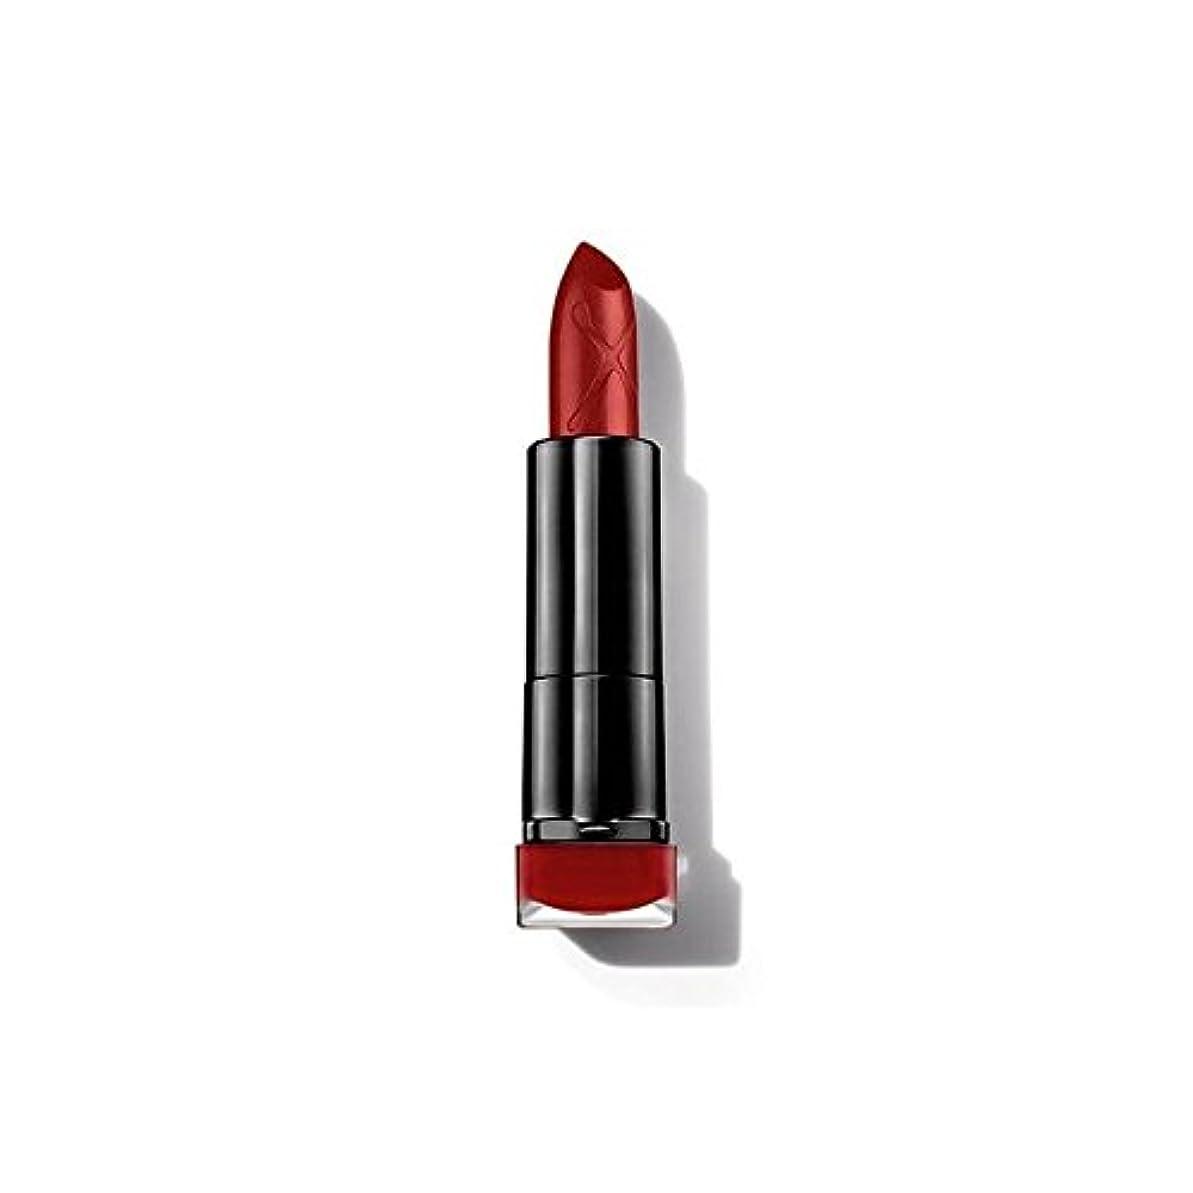 とんでもない男進化Max Factor Colour Elixir Matte Bullet Lipstick Love 35 - マックスファクターカラーエリキシルマット弾丸口紅愛35 [並行輸入品]